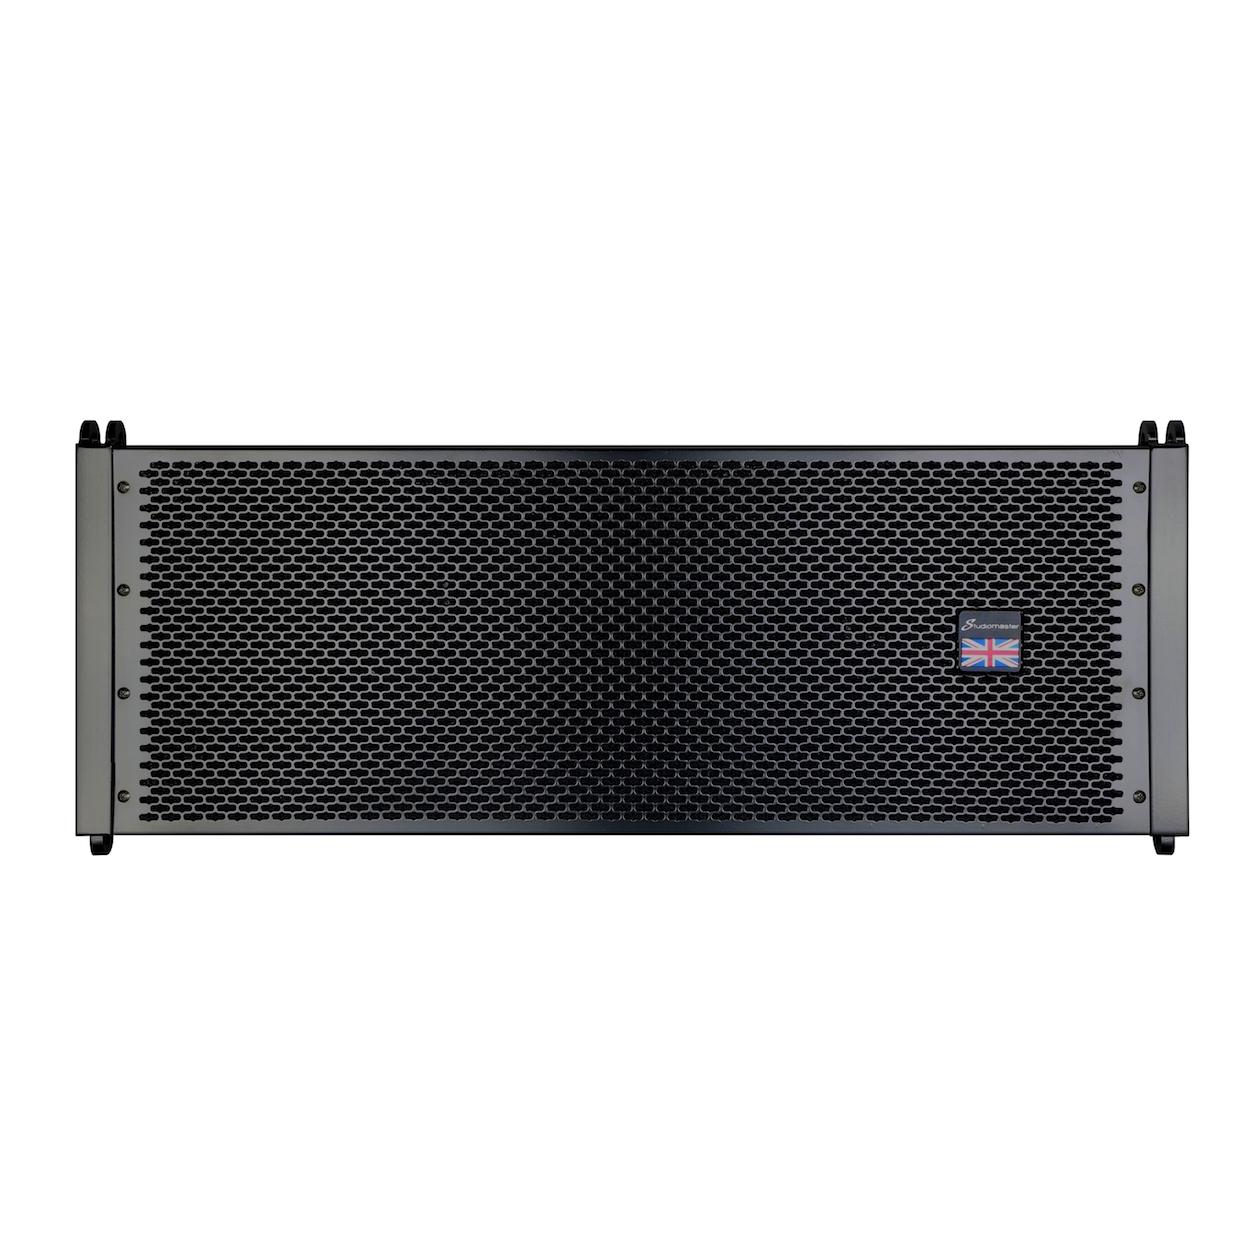 Studiomaster V10 line array front view